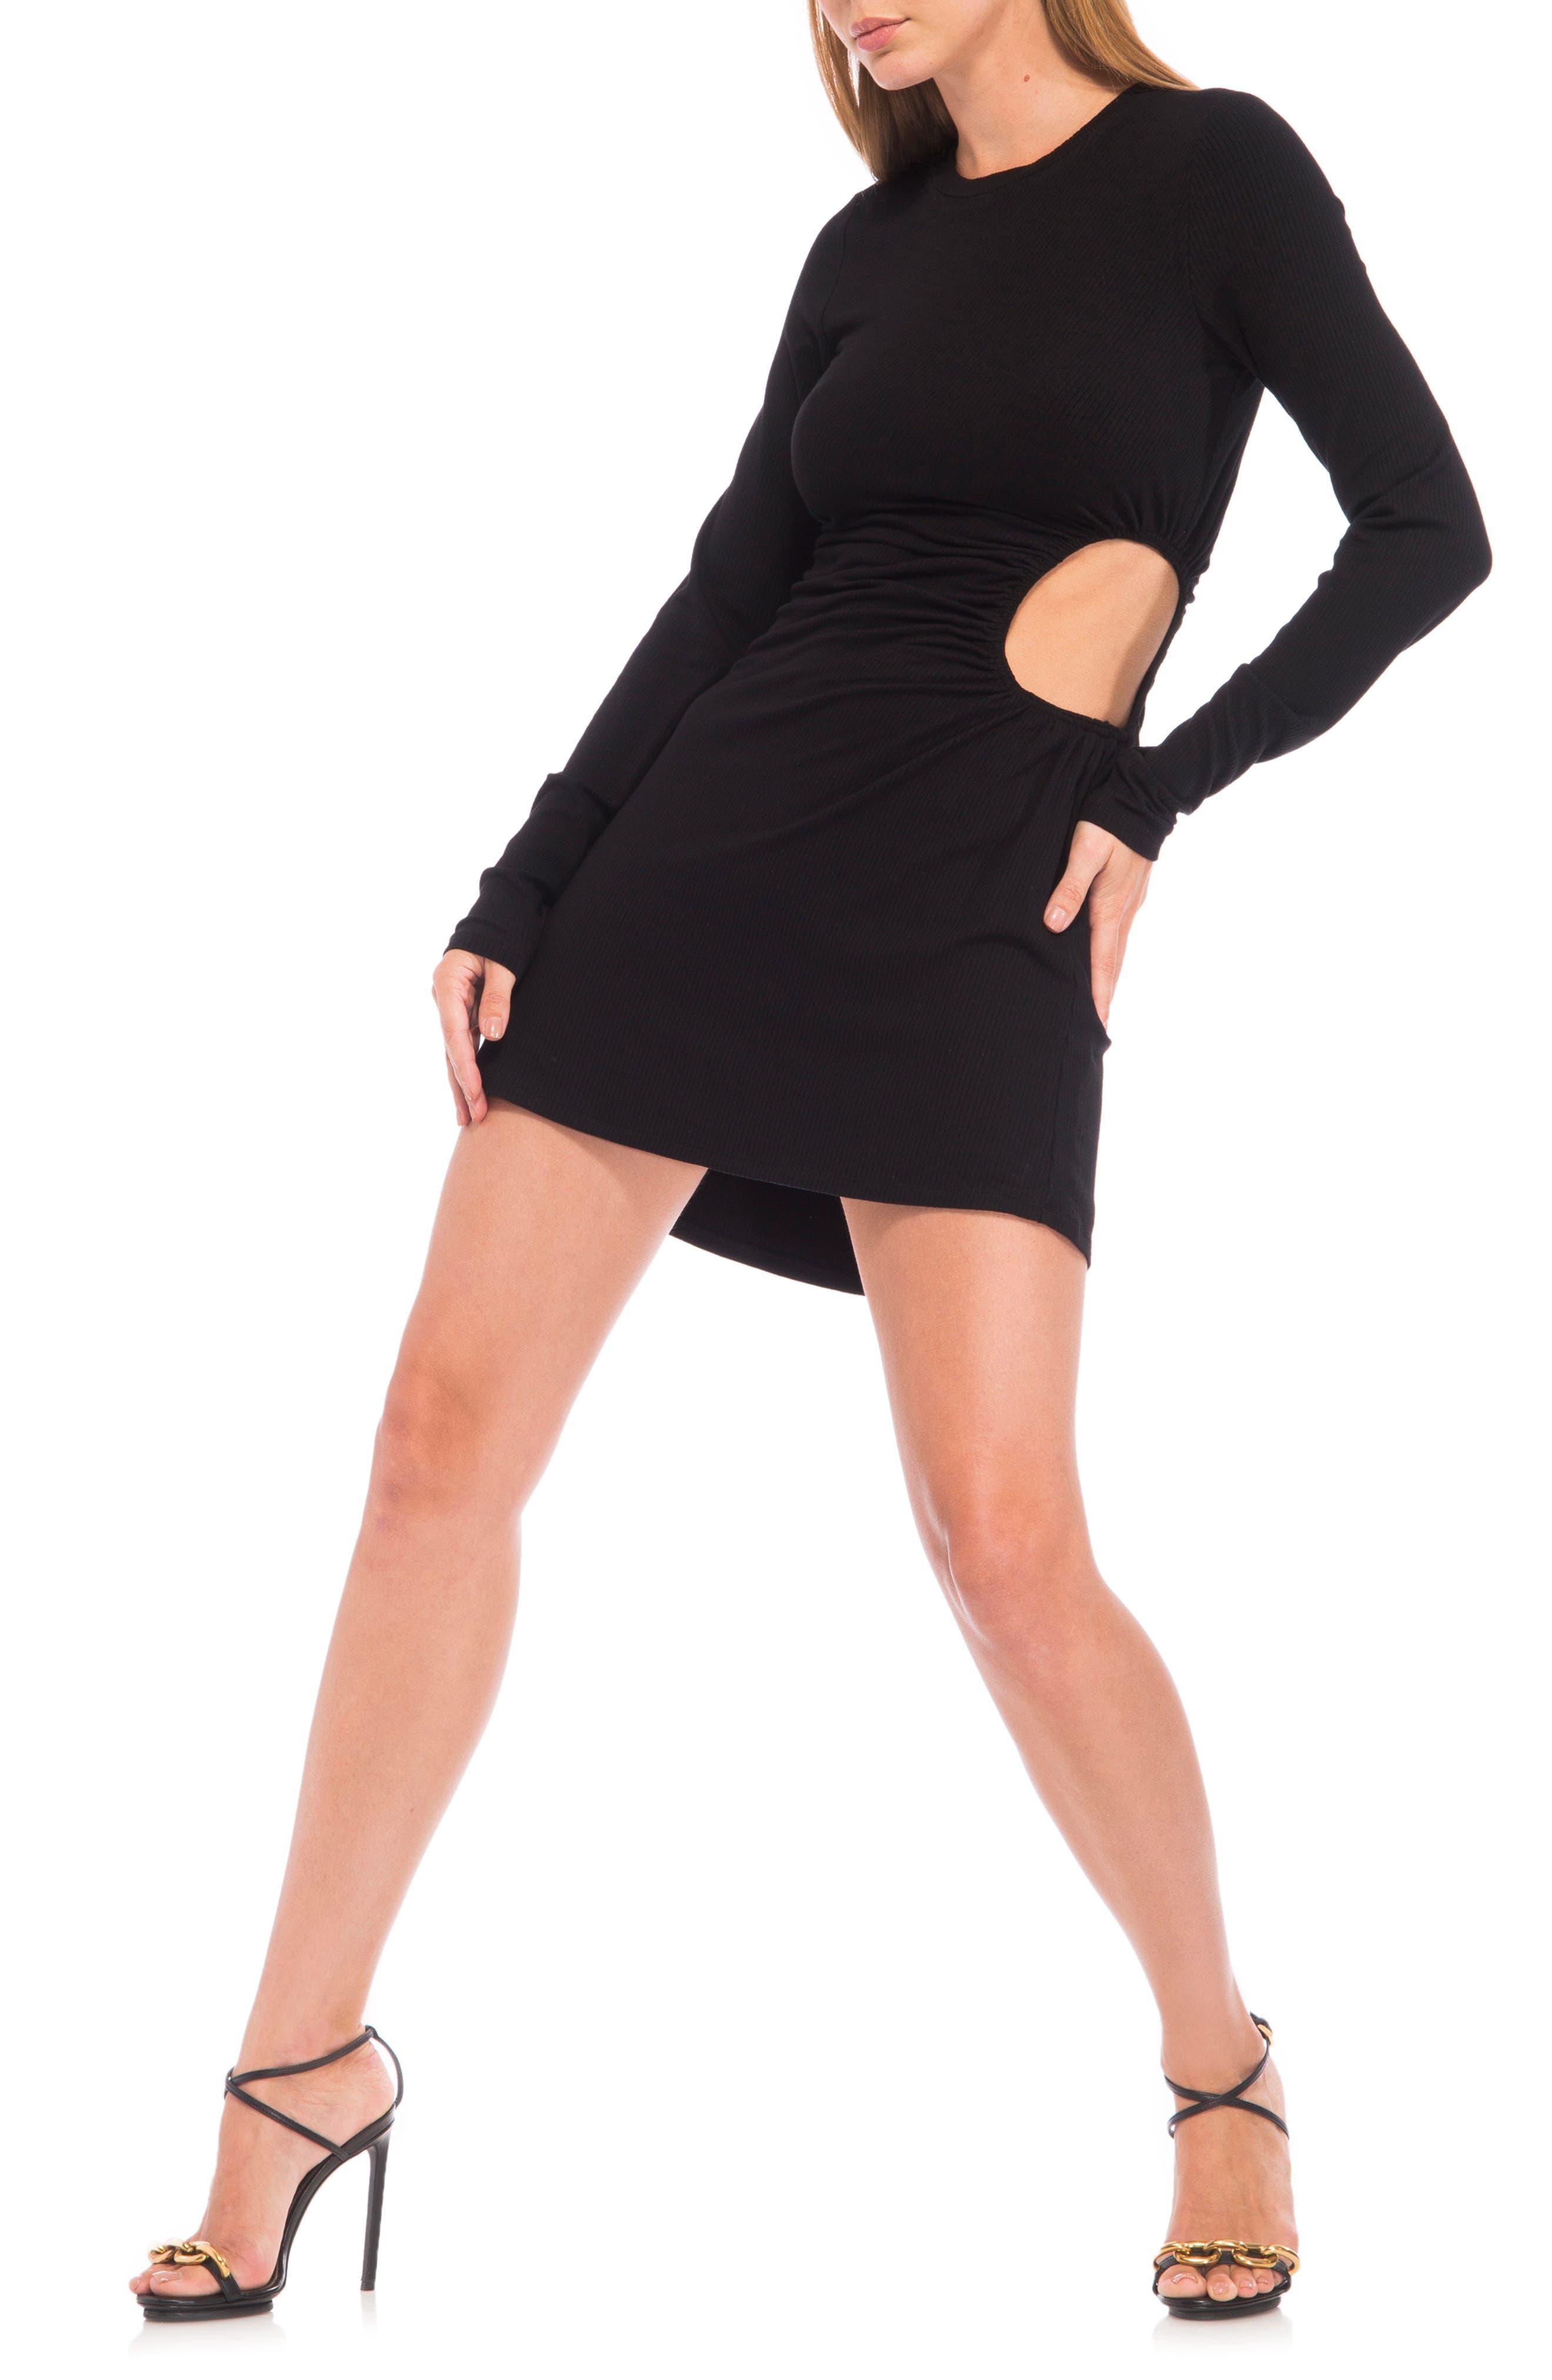 Marlowe Rib Cutout Detail Long Sleeve Dress